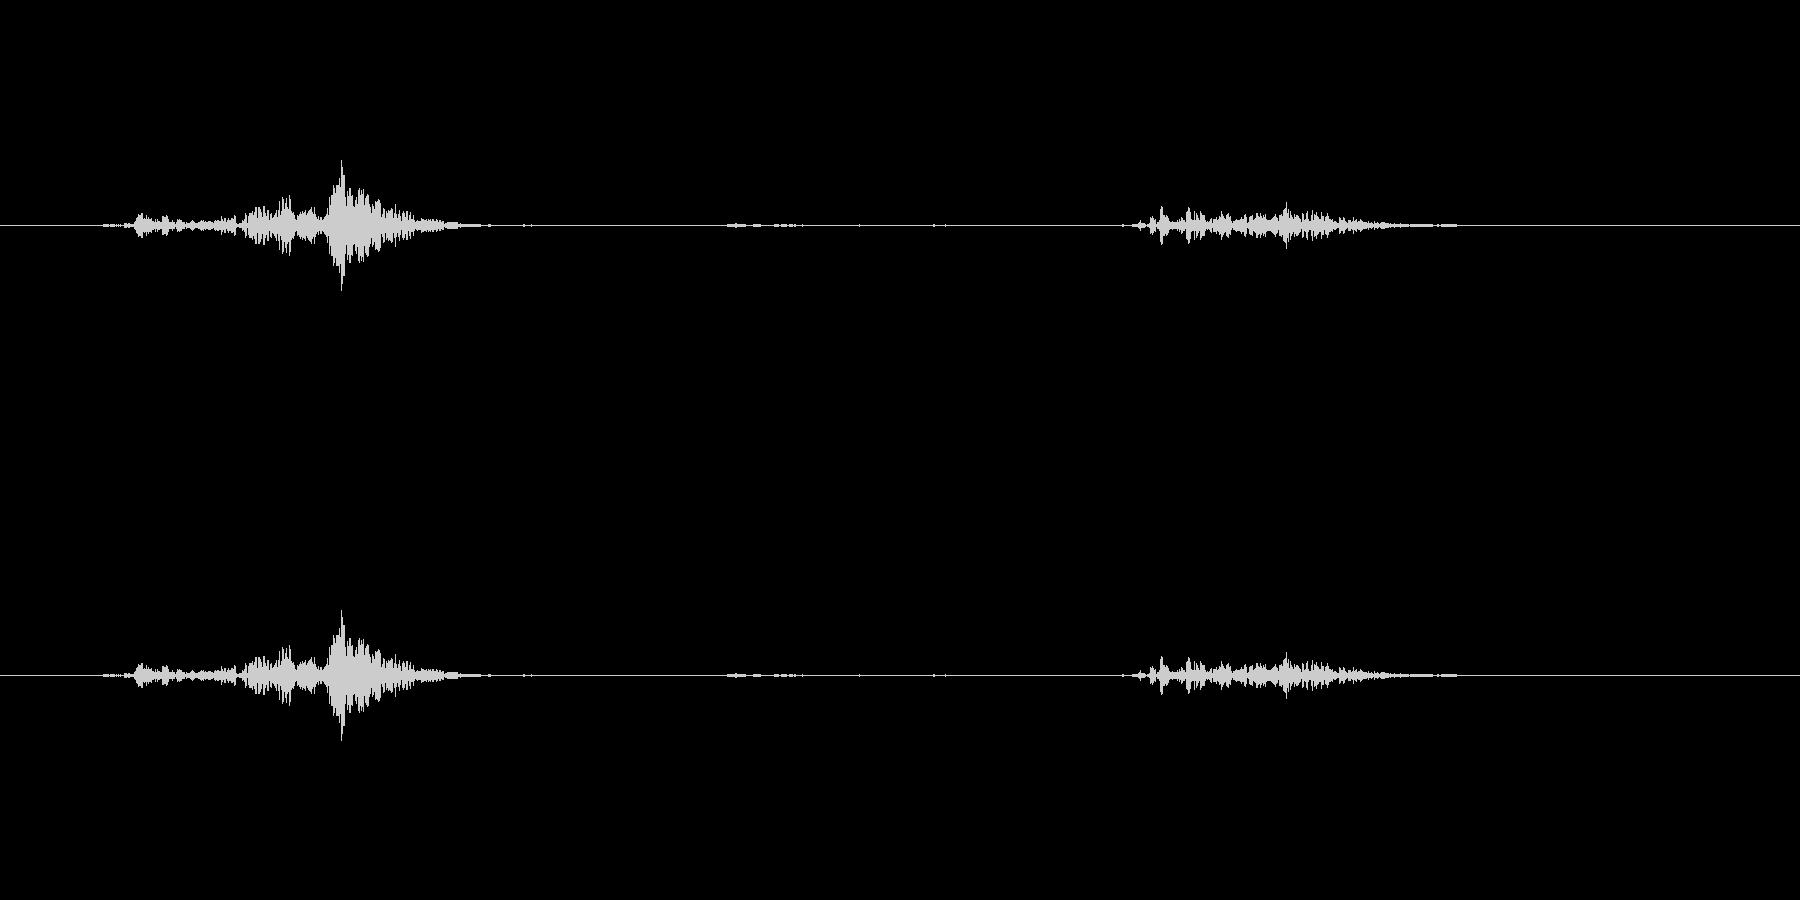 きゅうりをシャキシャキと噛む音の未再生の波形